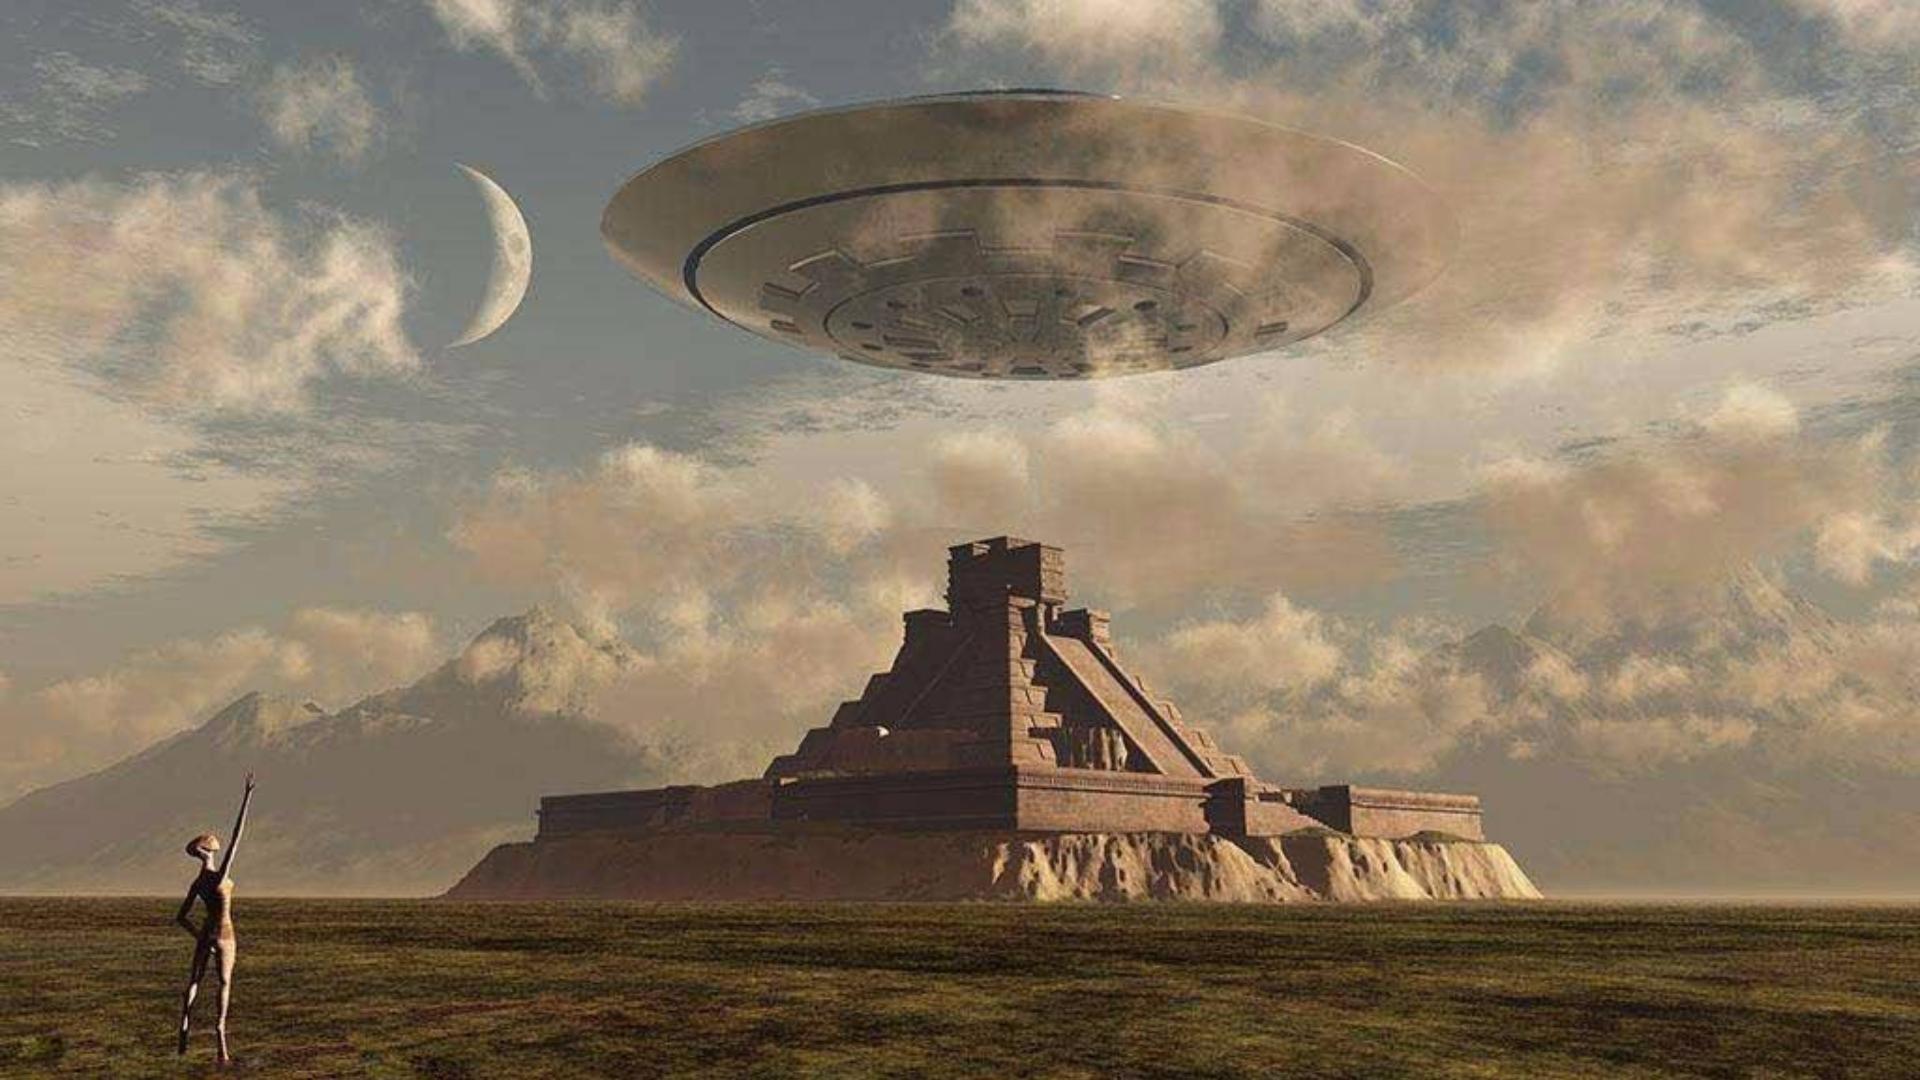 力证全人类文明起源于华夏:外星文明创造论